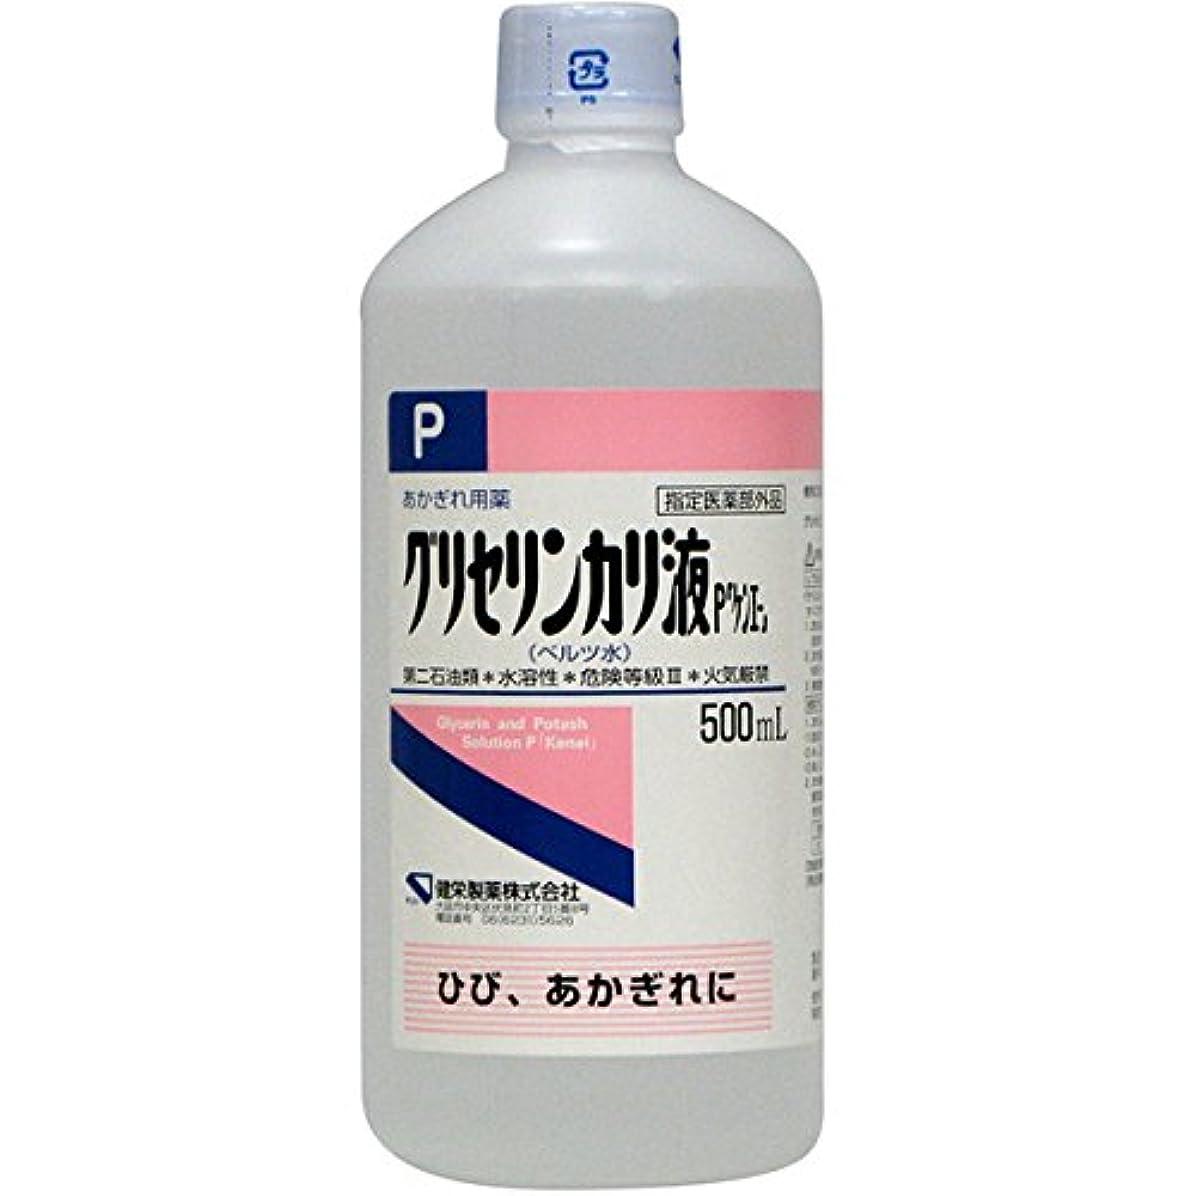 アナロジー作り上げる思慮深い健栄製薬 グリセリンカリ液 ベルツ水 500ml